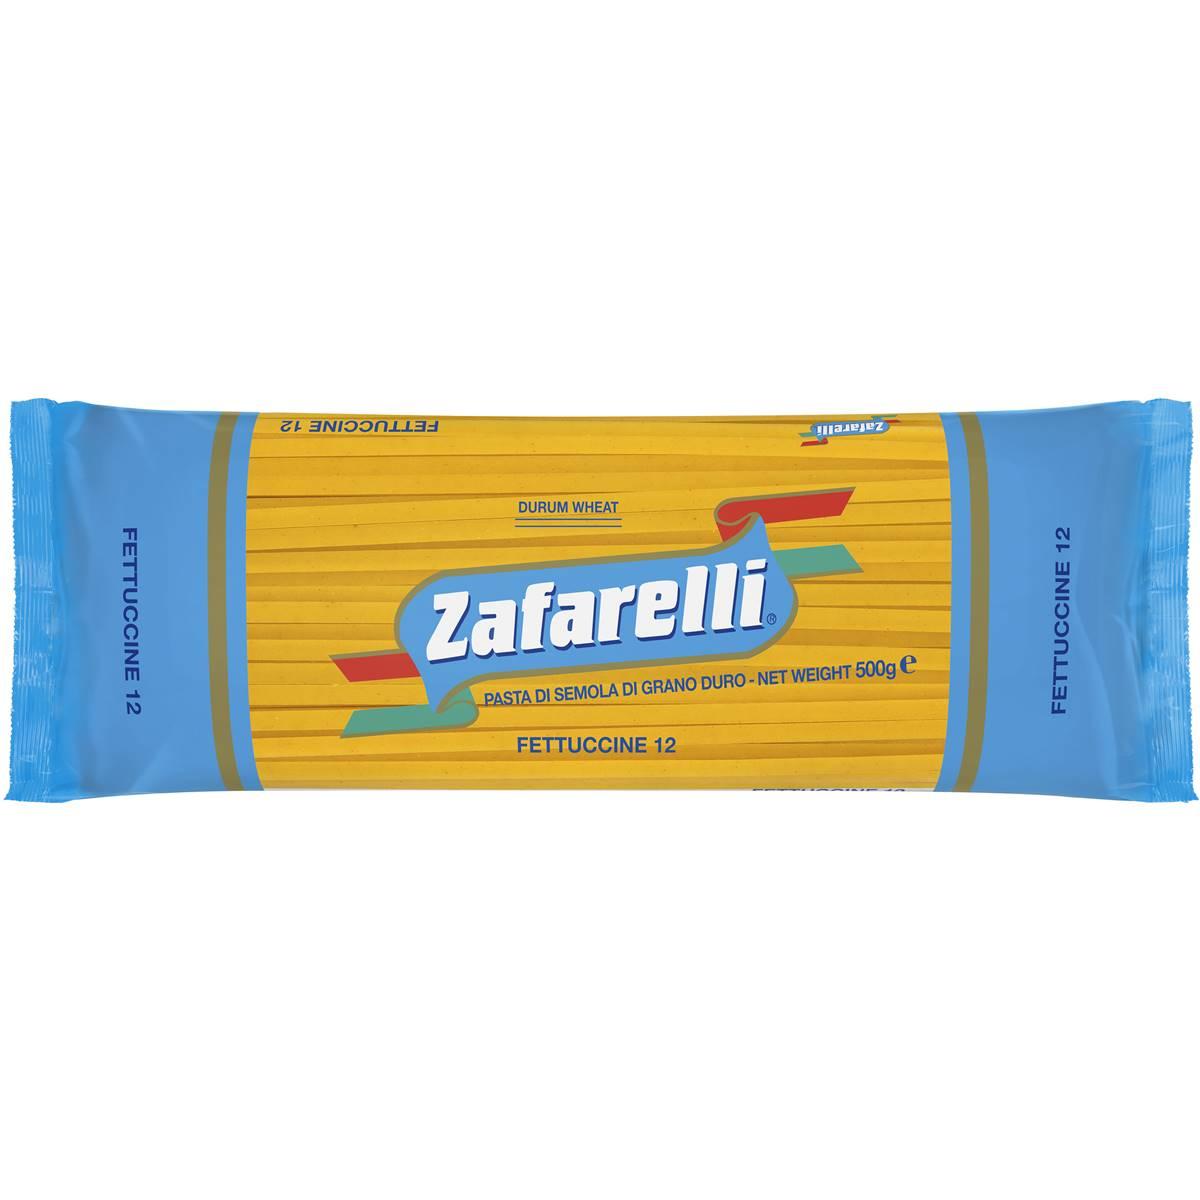 Zafarelli Fettuccine Pasta No 12